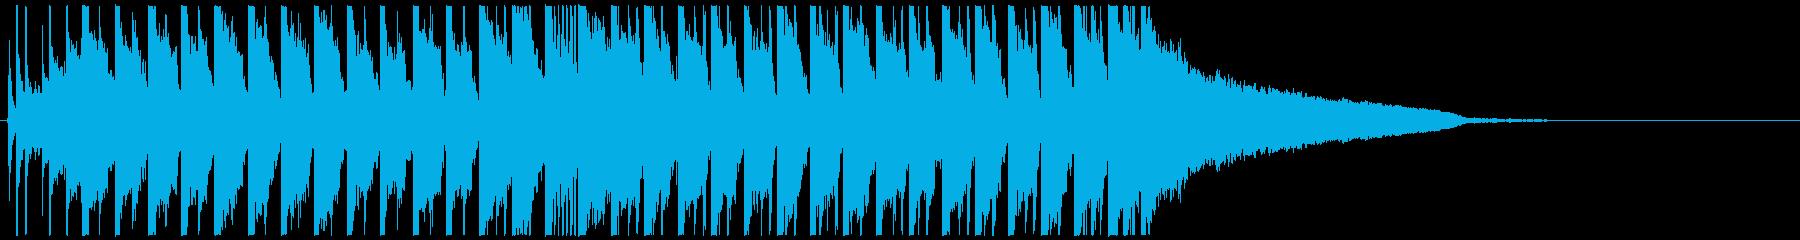 不思議でコミカルなEDM TIKTOKの再生済みの波形